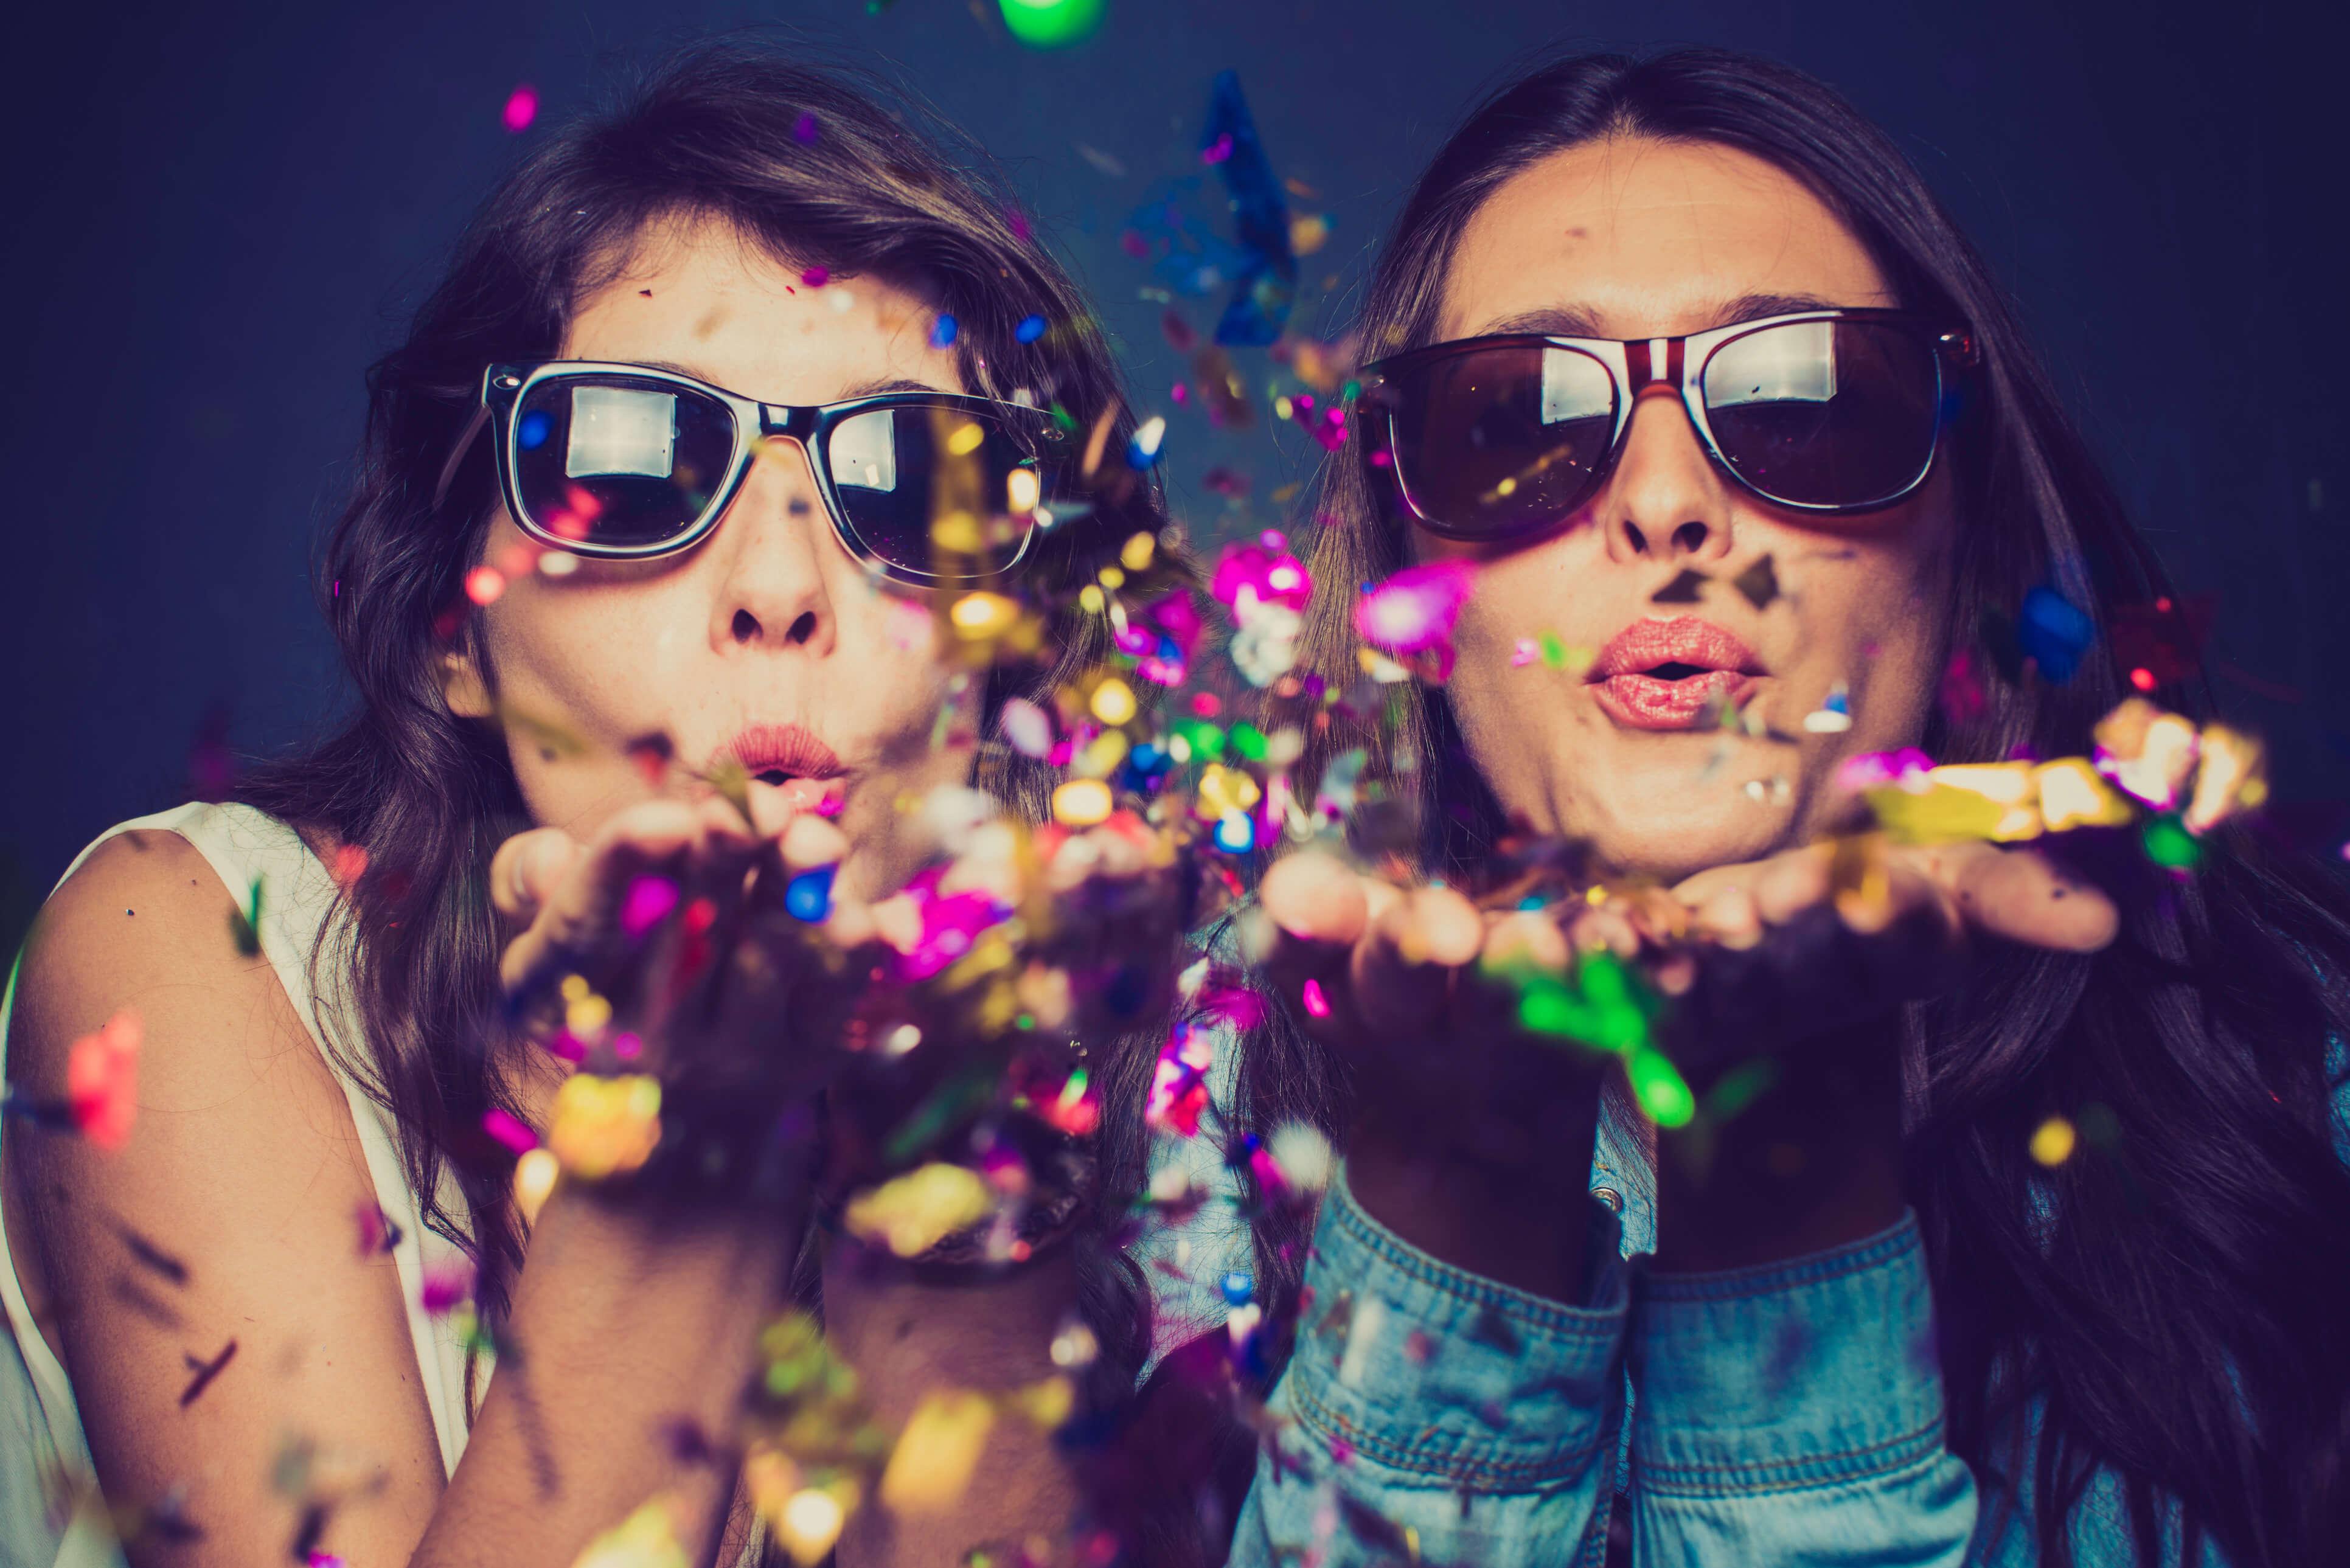 c58fe1c44d1ea Os óculos de sol podem ajudar a sentir-se mais confiante